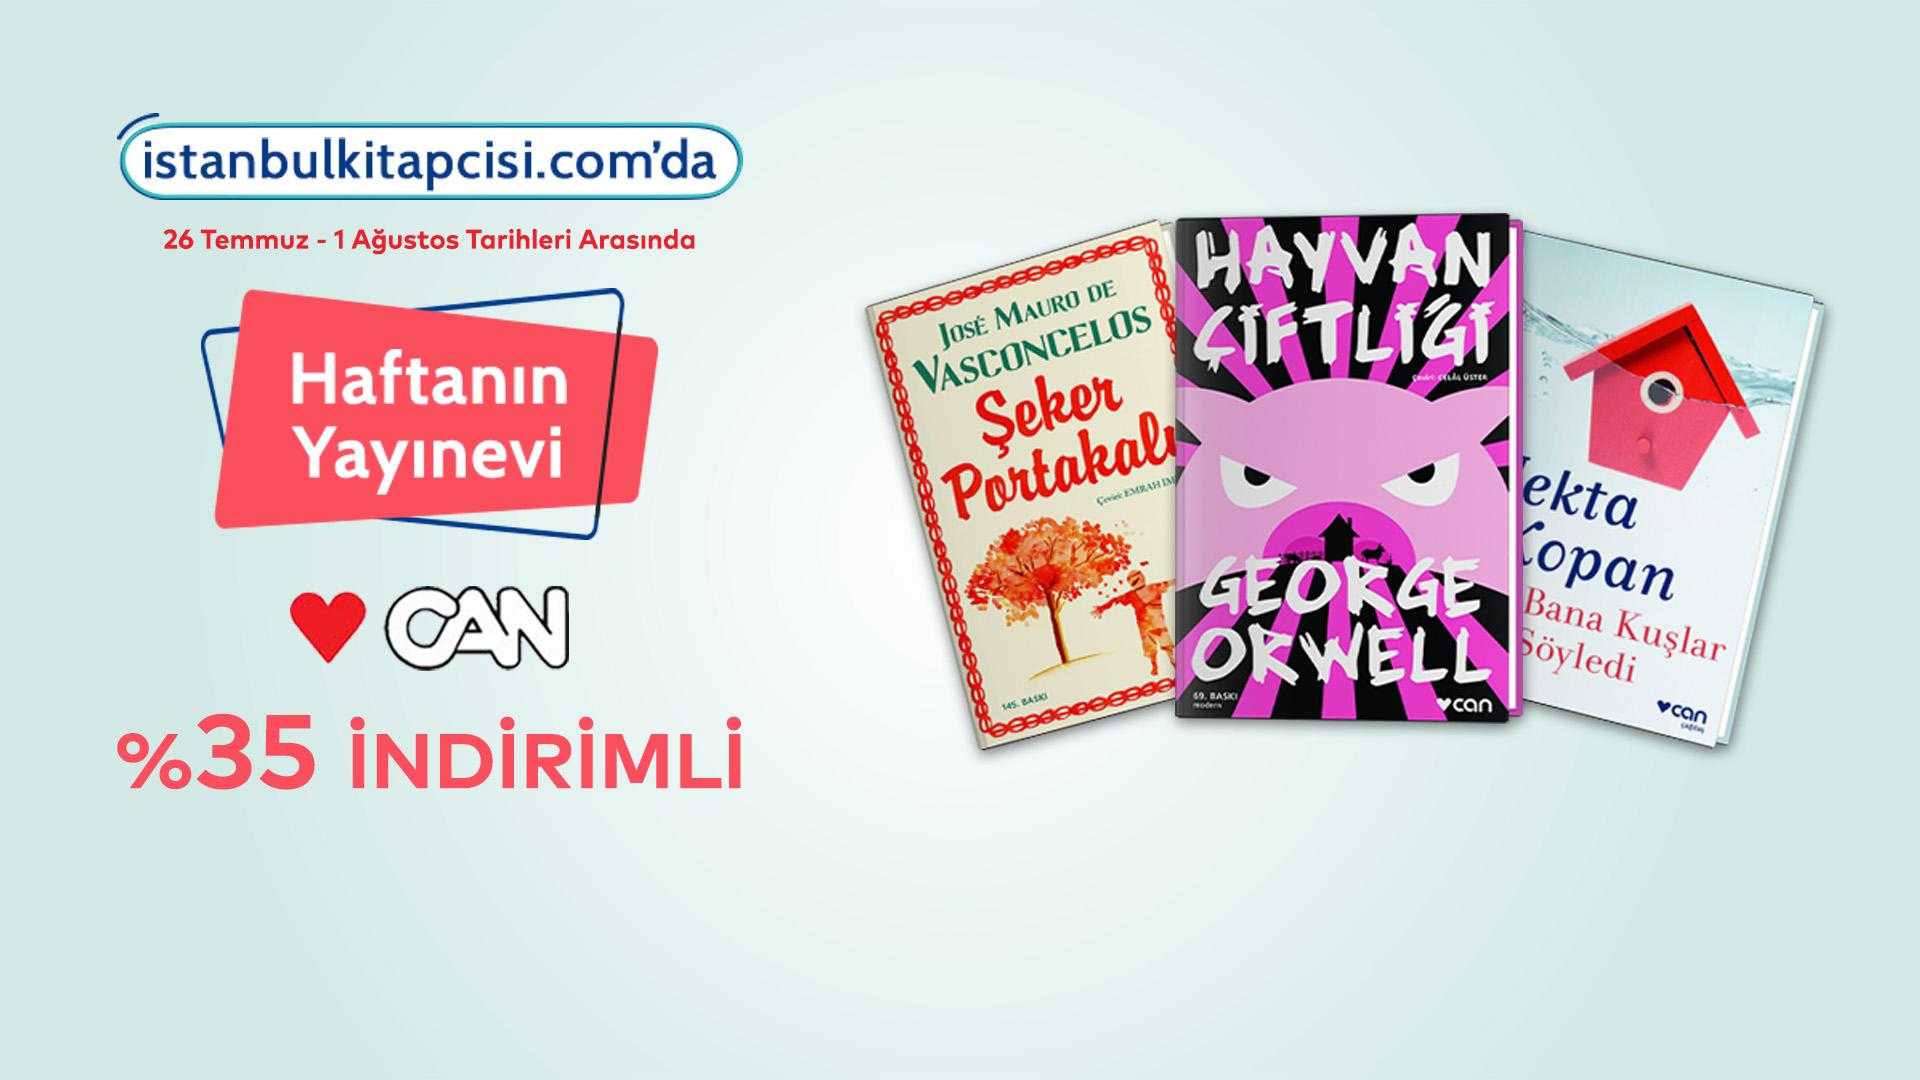 Can Yayınları, www.istanbulkitapcisi.com'da indirimde!